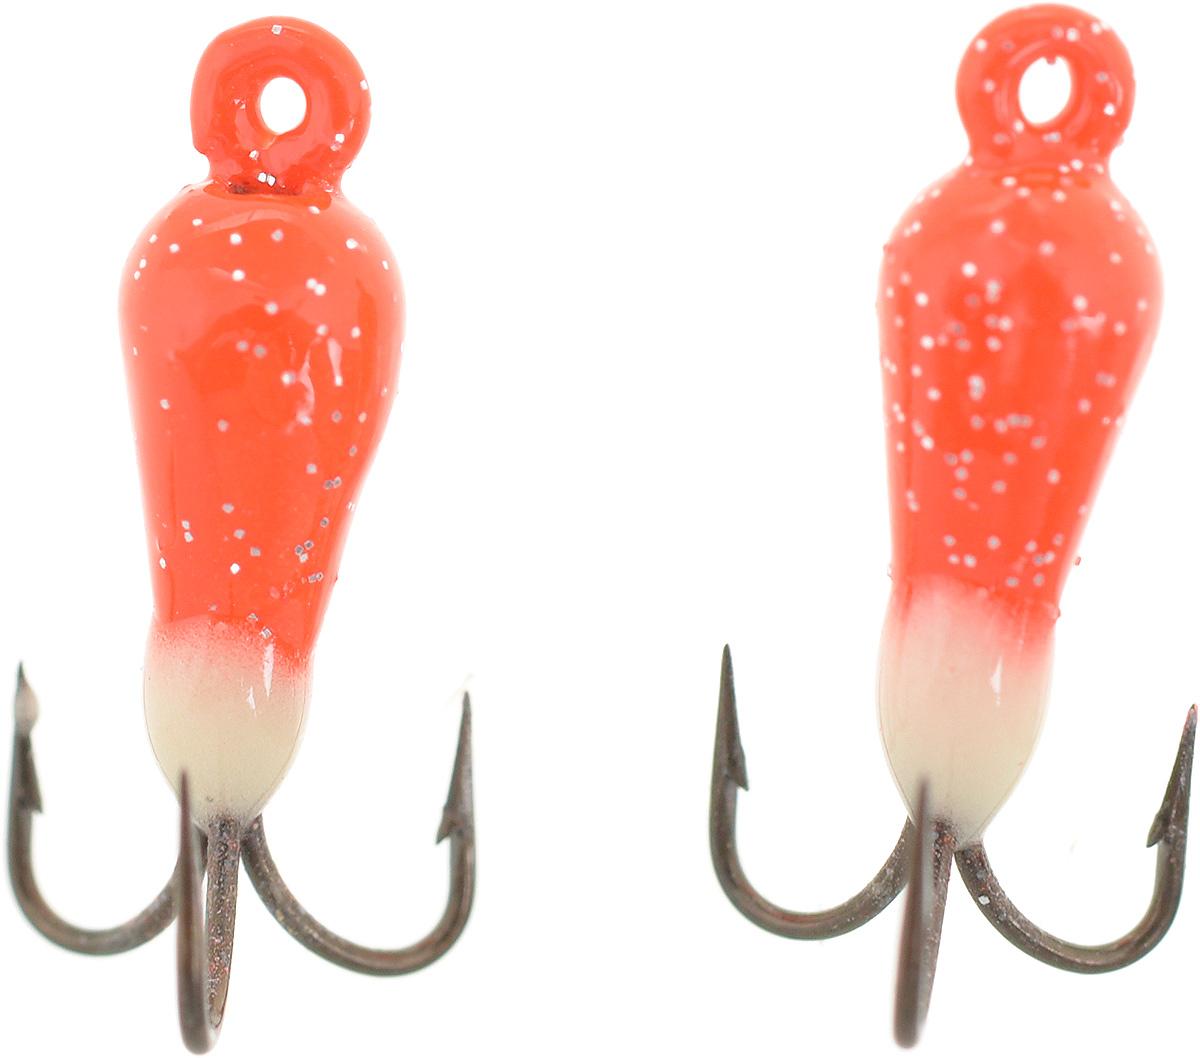 Чертик вольфрамовый Finnex, цвет: оранжевый, белый, 0,38 г, 2 шт03/1/12Вольфрамовый чертик Finnex - одна из самых популярных приманок для ловли леща, плотвы и другой белой рыбы. Особенно хорошо работает приманка на всевозможных водохранилищах. Не пропустит ее и другая рыба, в том числе окунь, судак и щука.